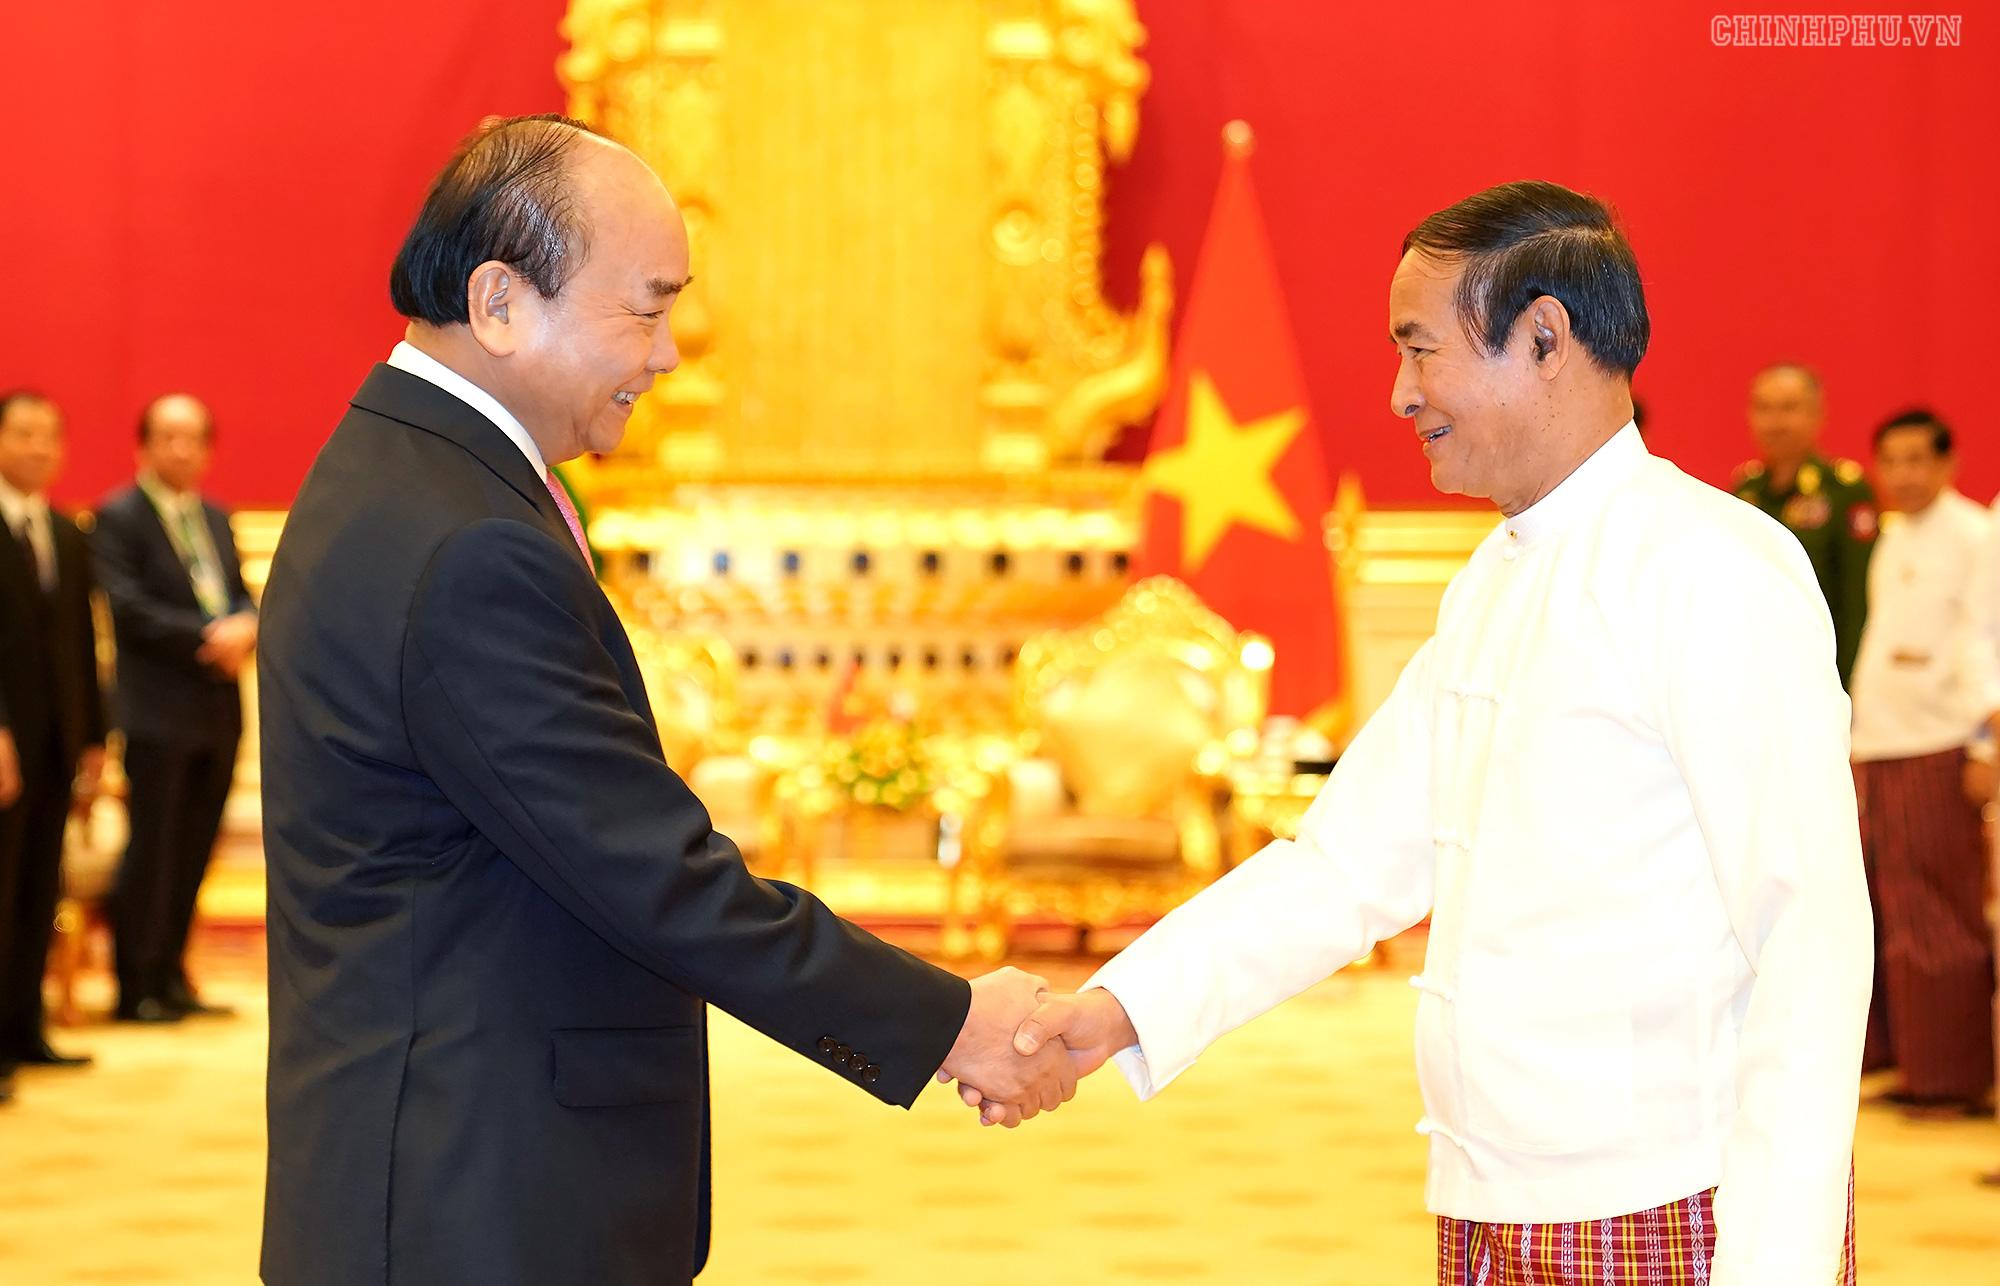 Thủ tướng Nguyễn Xuân Phúc hội kiến với Tổng thống Myanmar - Ảnh 1.